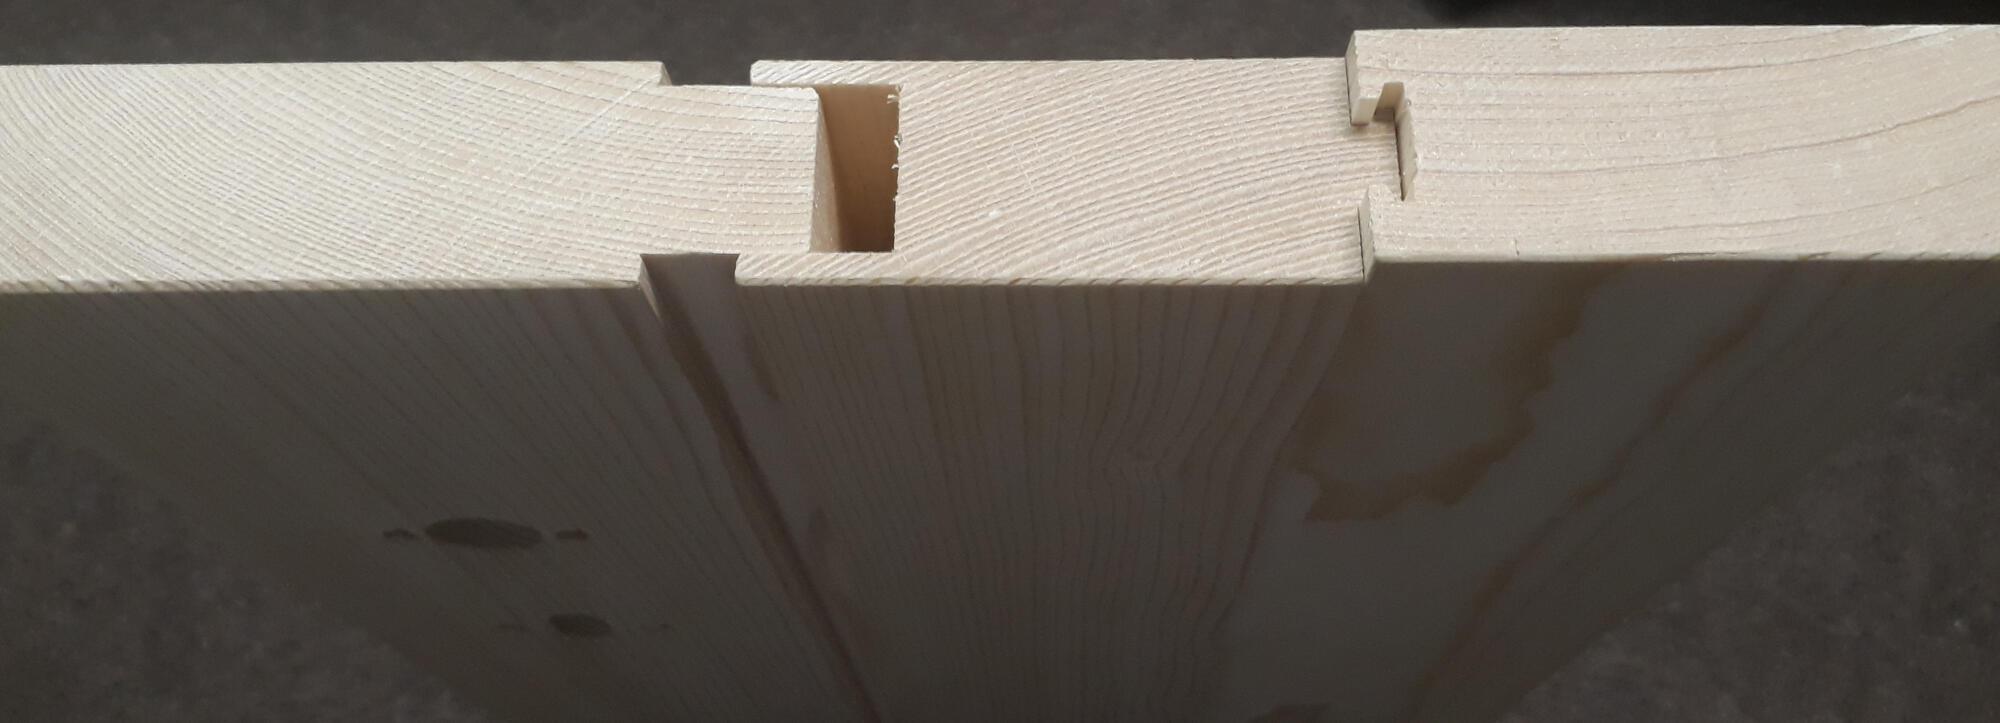 Unser, zum europäischen Patent angemeldetes, plattenförmige Holzsystem erlaubt es, eine nicht abgesperrte Massivholztür zu fertigen, die ohne Leim zusammengefügt wird.